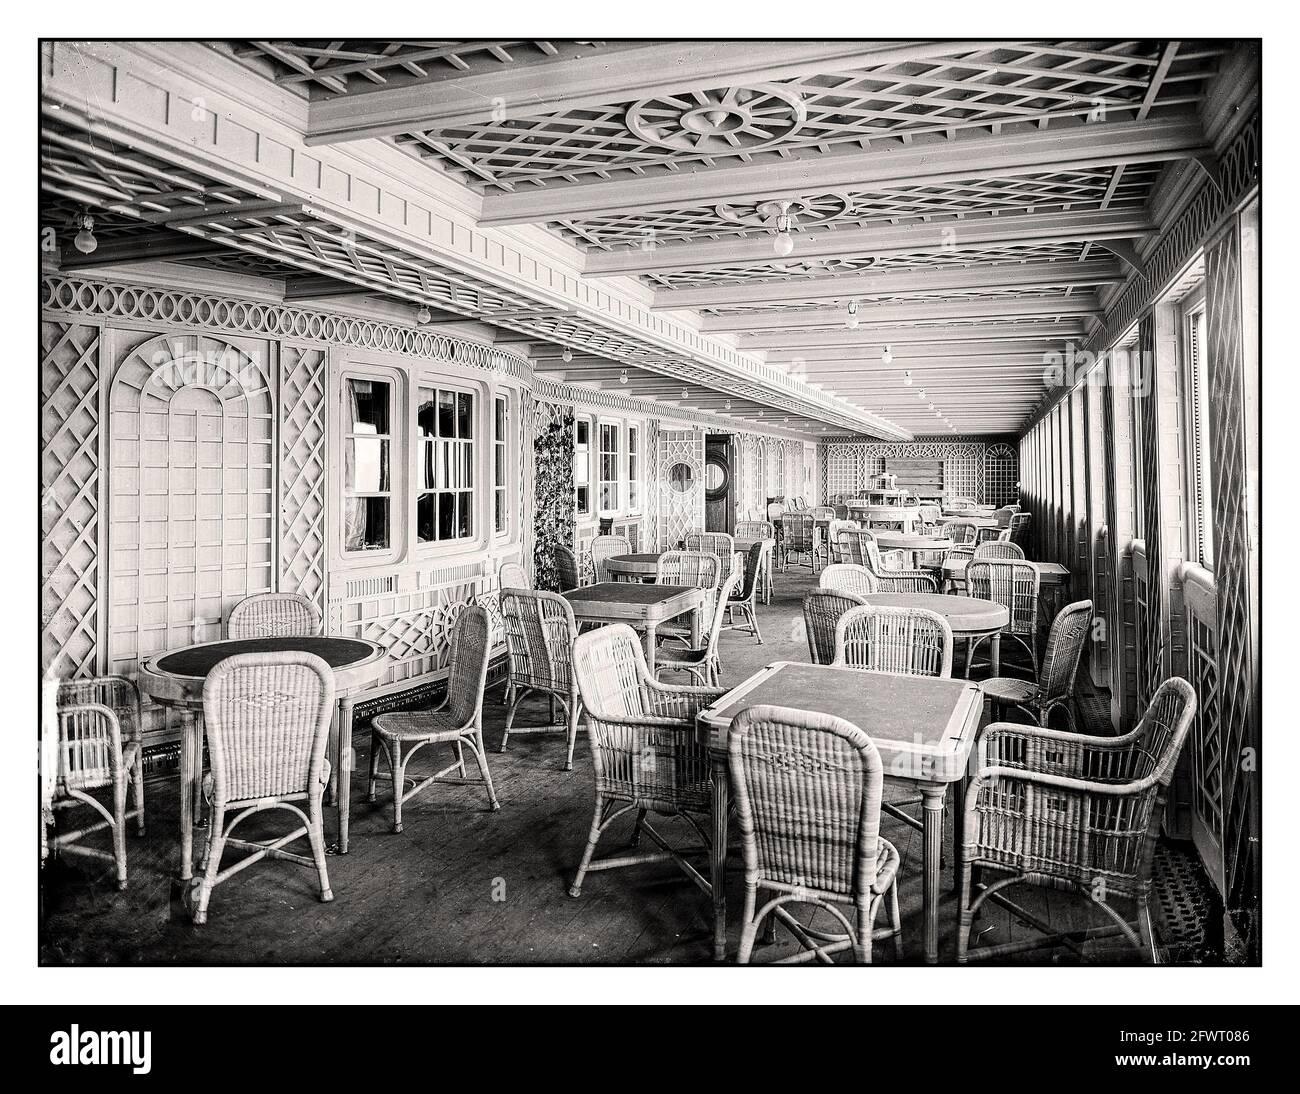 Lounge Stil Stockfotos und  bilder Kaufen   Alamy